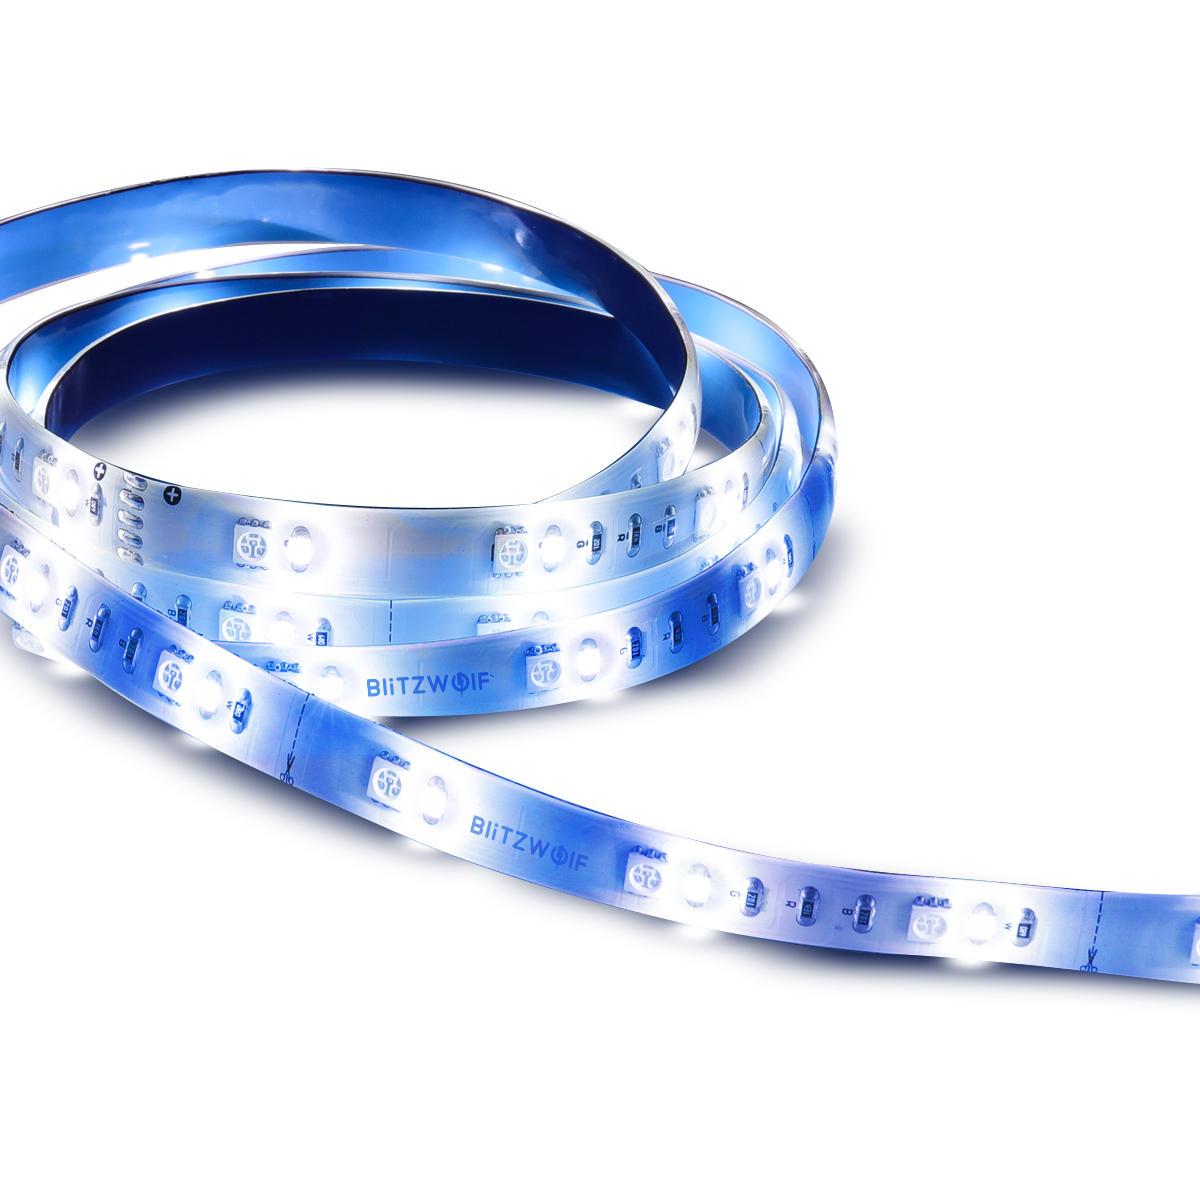 BlitzWolf® BW-LT11 DC12V 1M RGBW 60 LED Strip Light Extension Plus for BW 2M Smart LED Strip Light